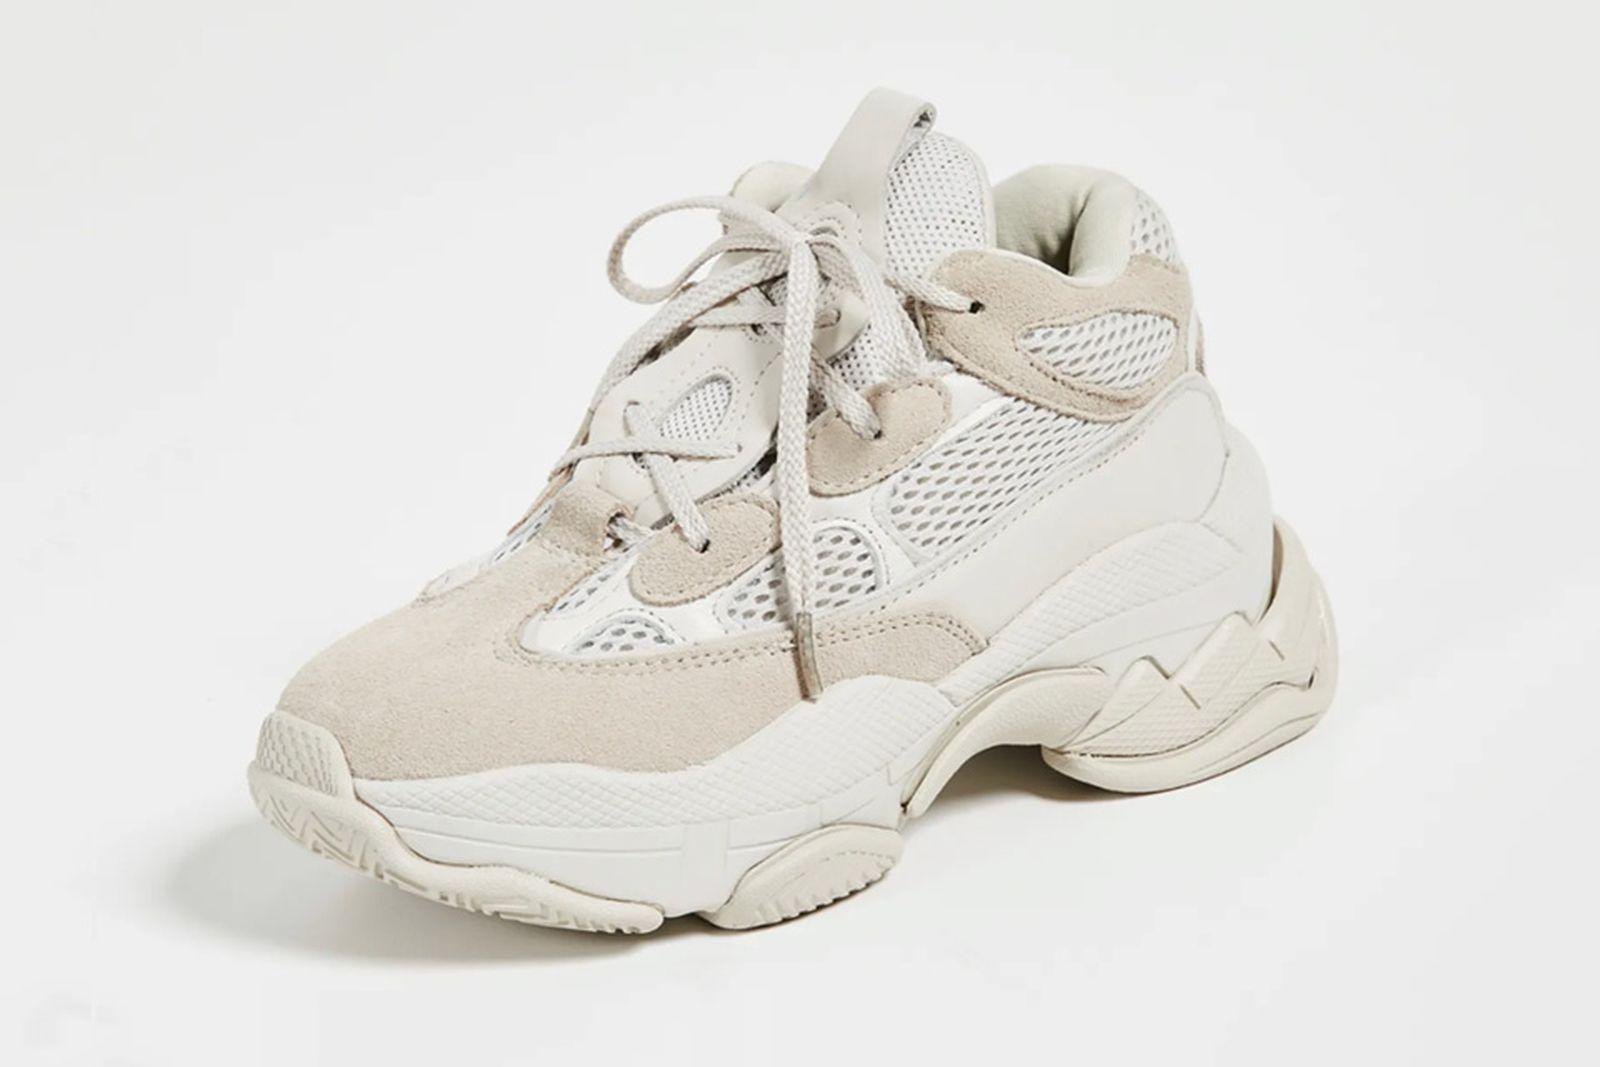 yeezy balenciaga hybrid sneaker